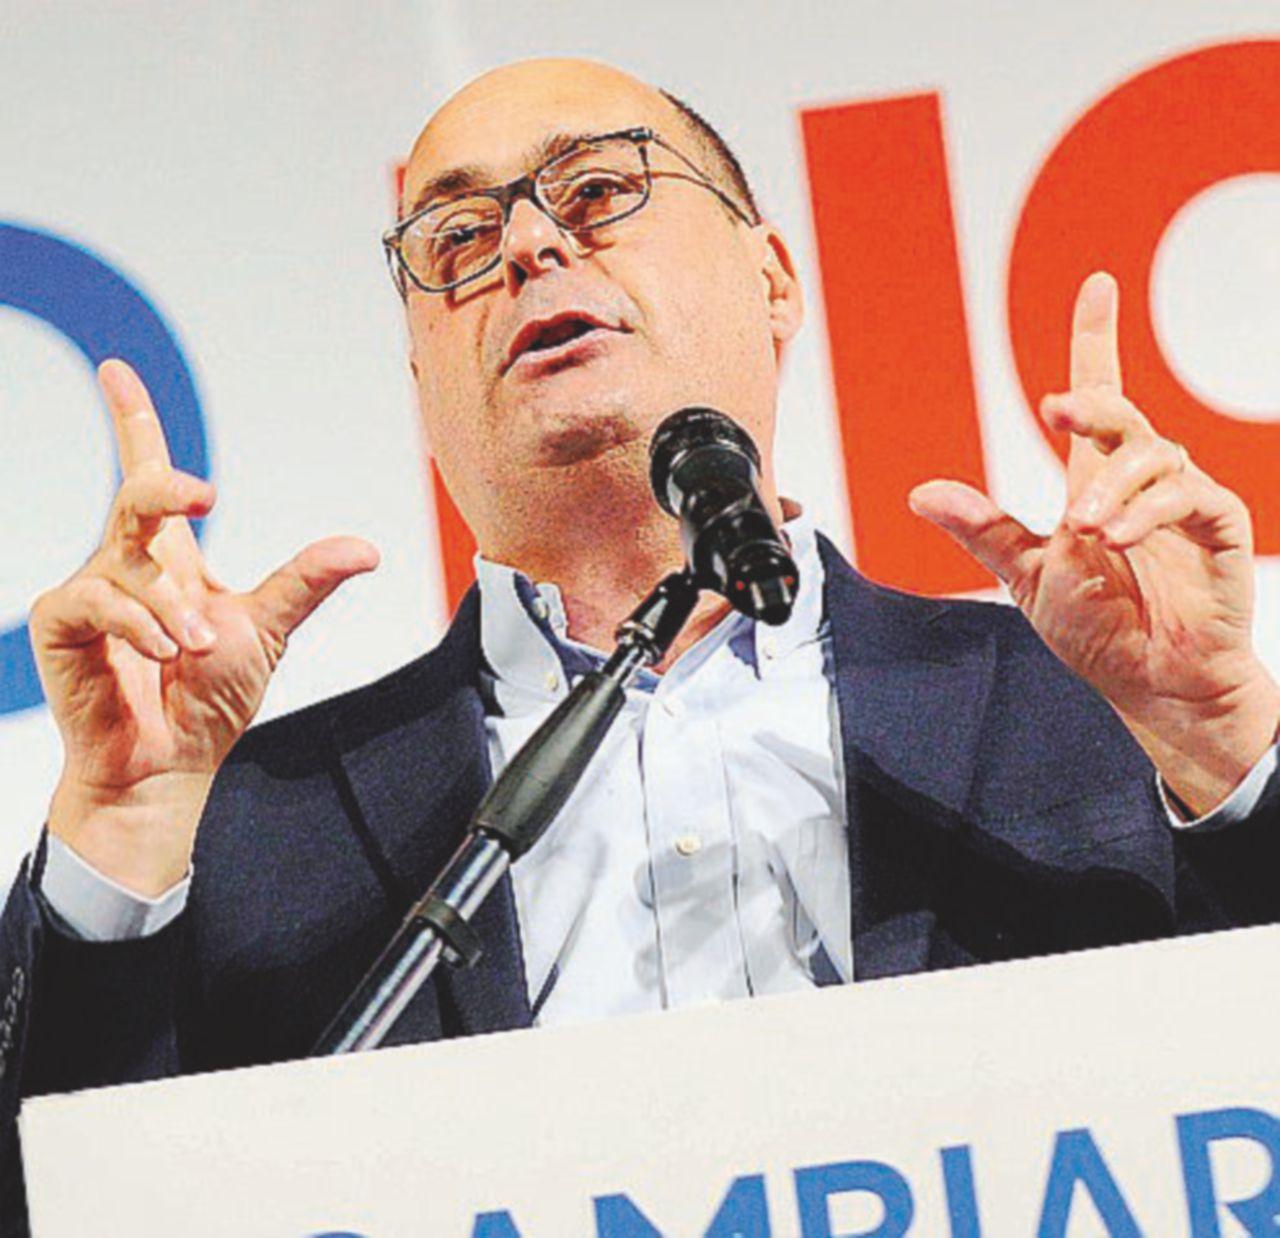 Assedio renziano, Zingaretti annuncia (un anno prima) la candidatura alla Regione